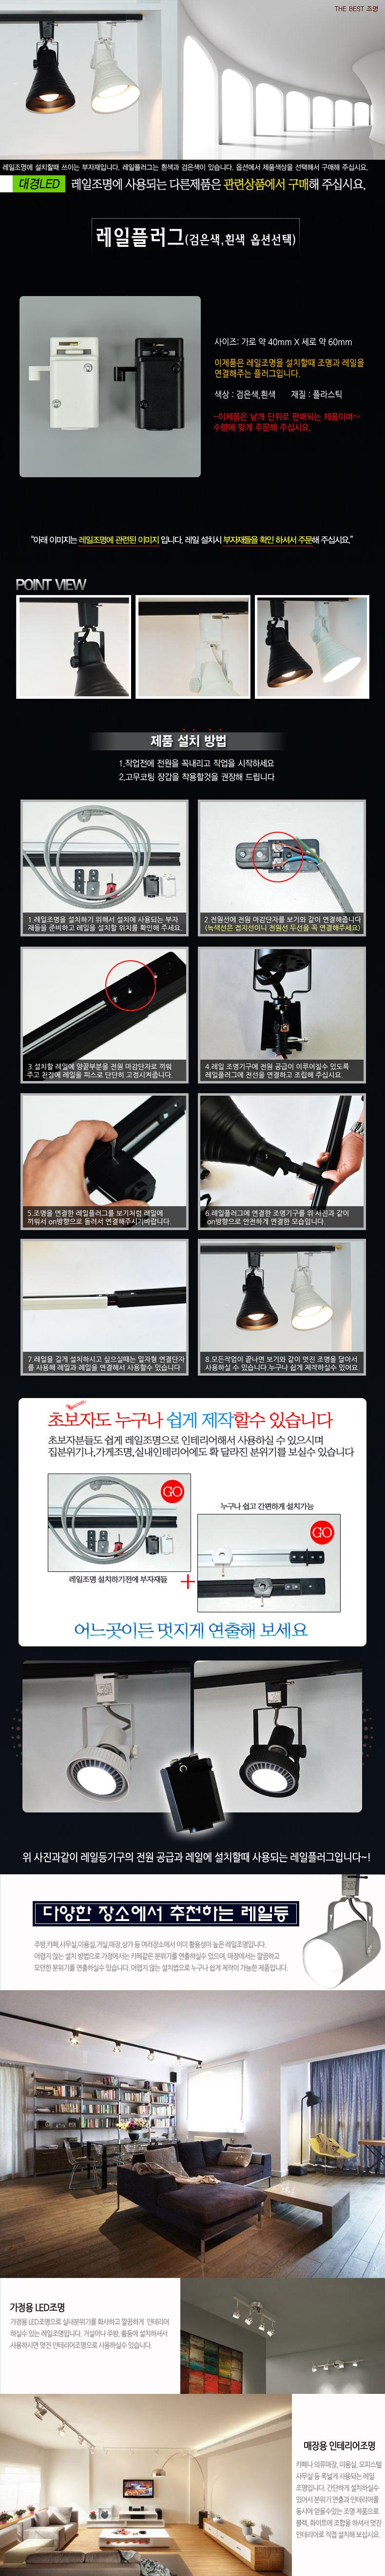 [대경LED] 레일플러그(흰색/검정색) LED조명, 레일조명, 룸조명 ...